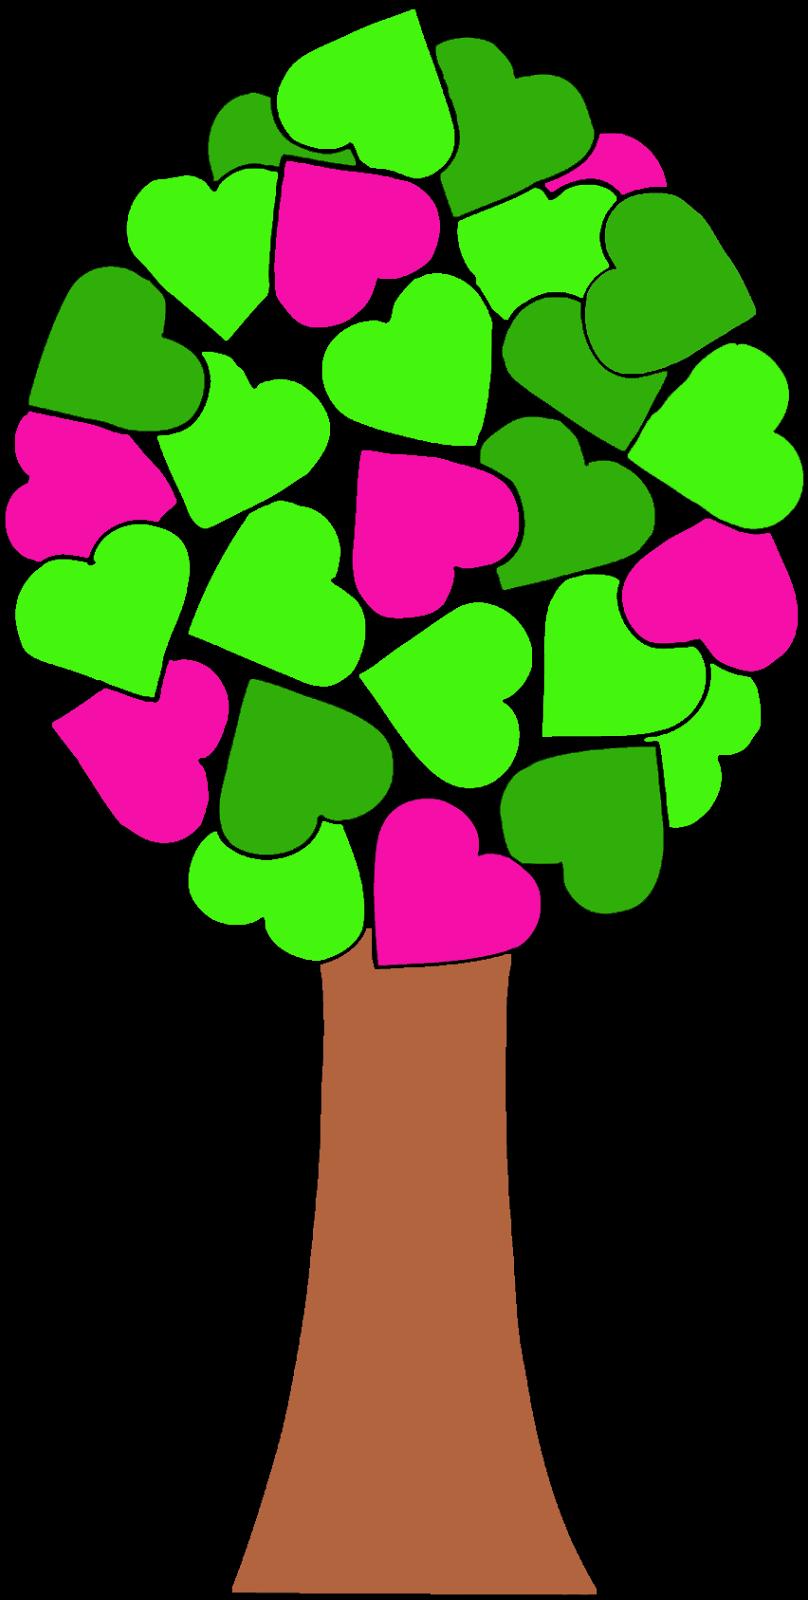 http://grannygoestoschool.blogspot.com/2014/01/love-bugs-6.html